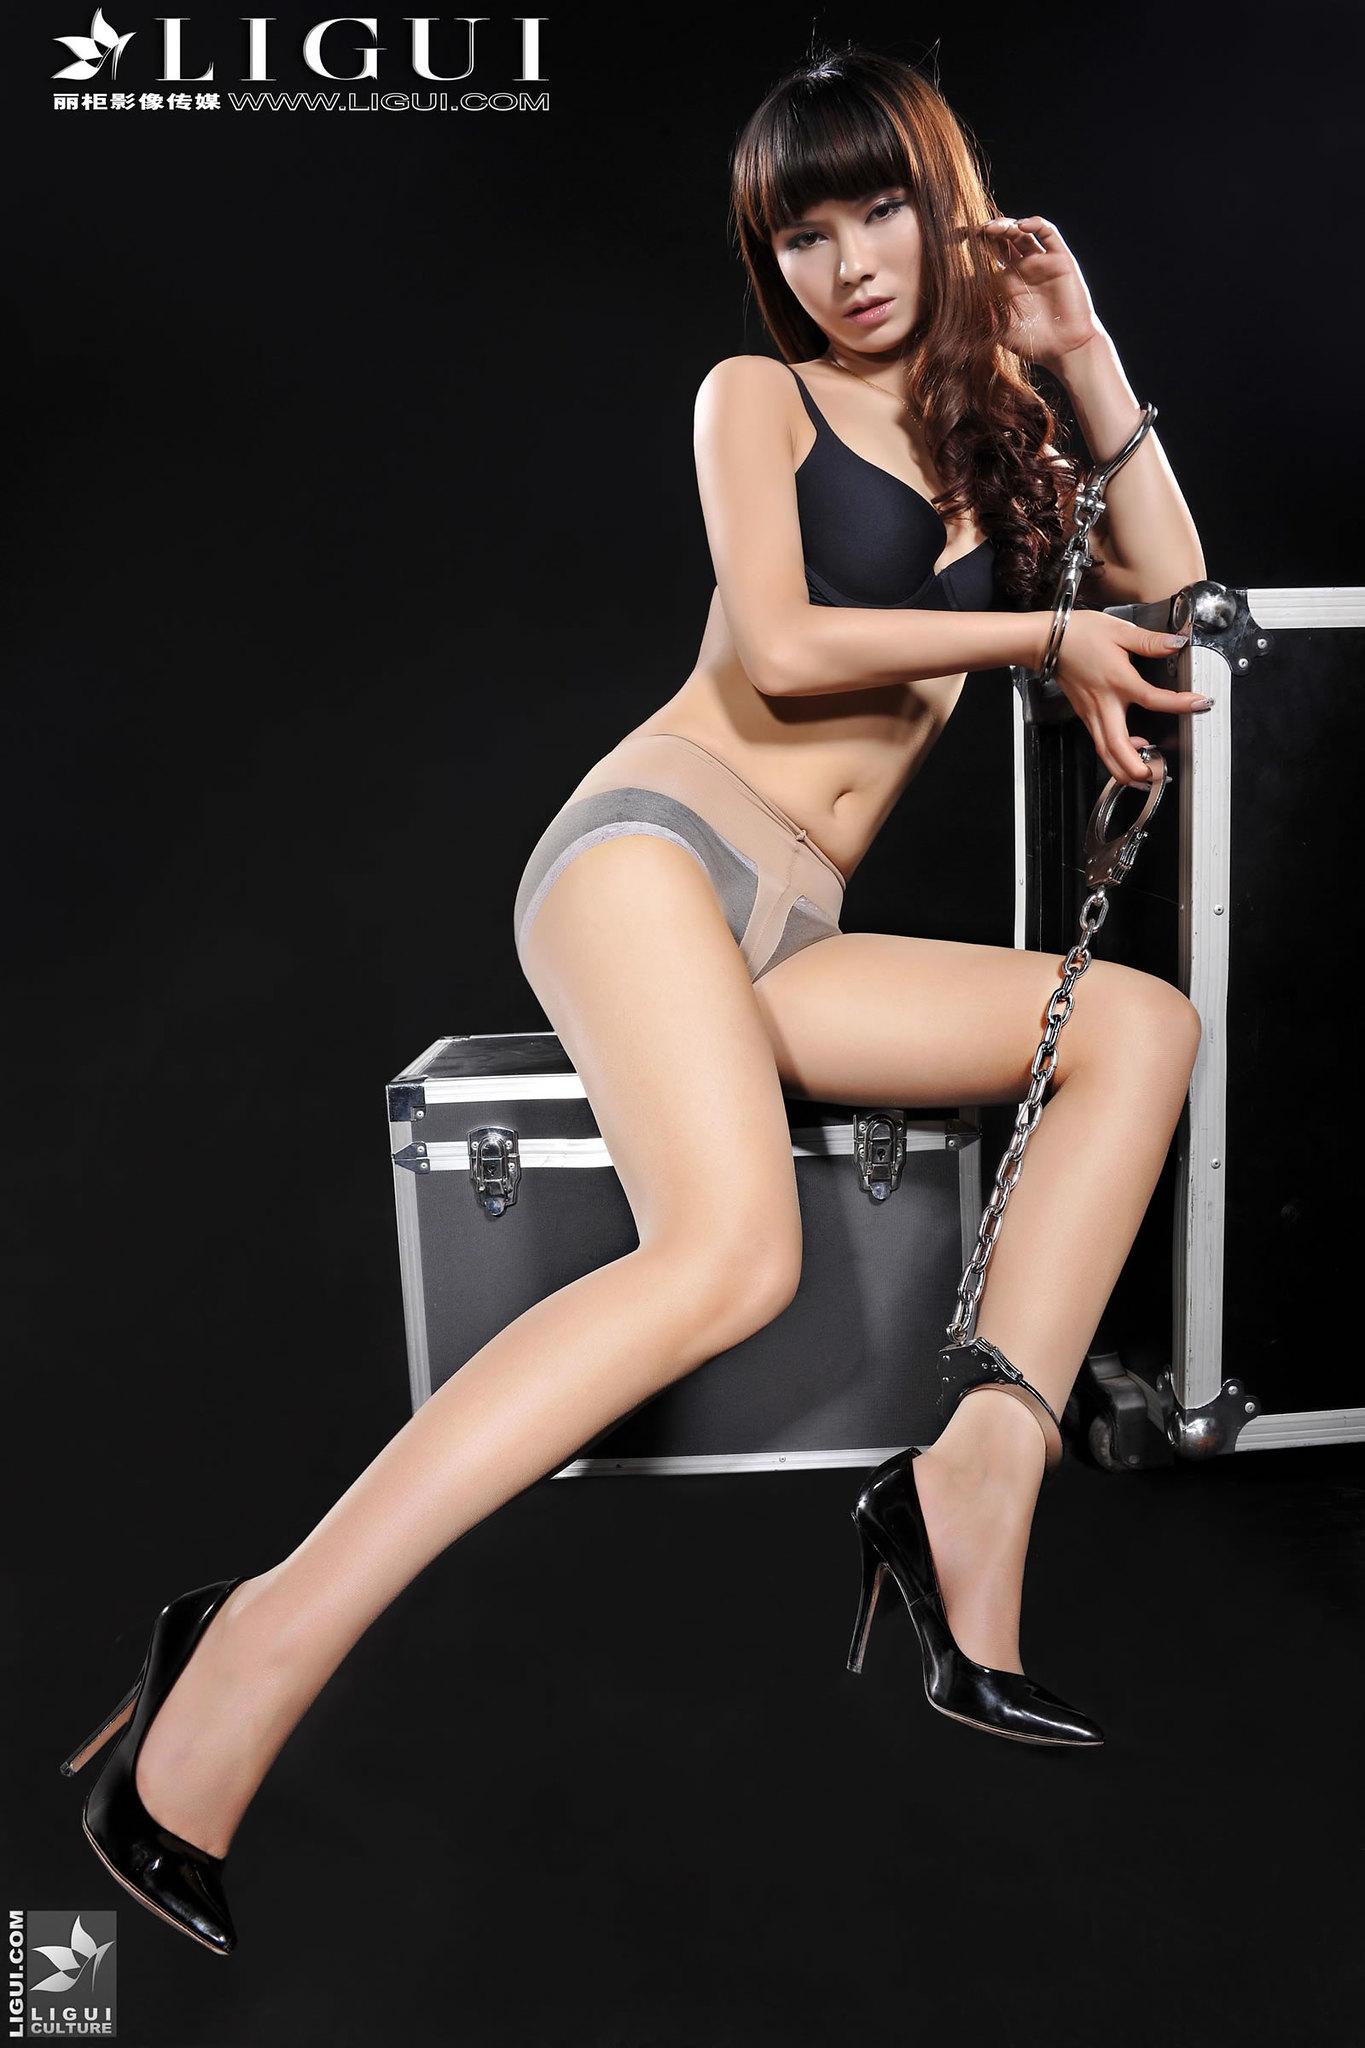 bondage.Ligui.com